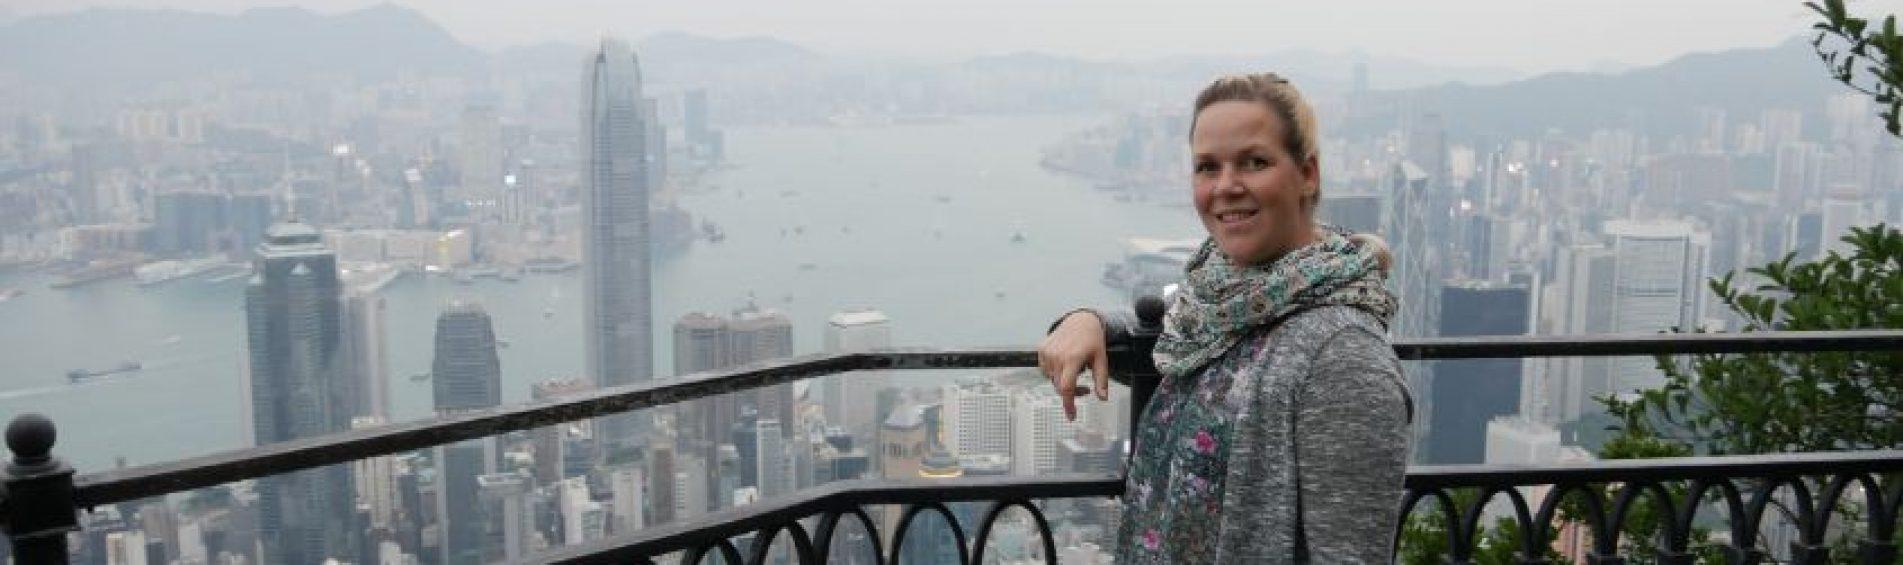 7 redenen waarom iedereen eens alleen zou moeten reizen